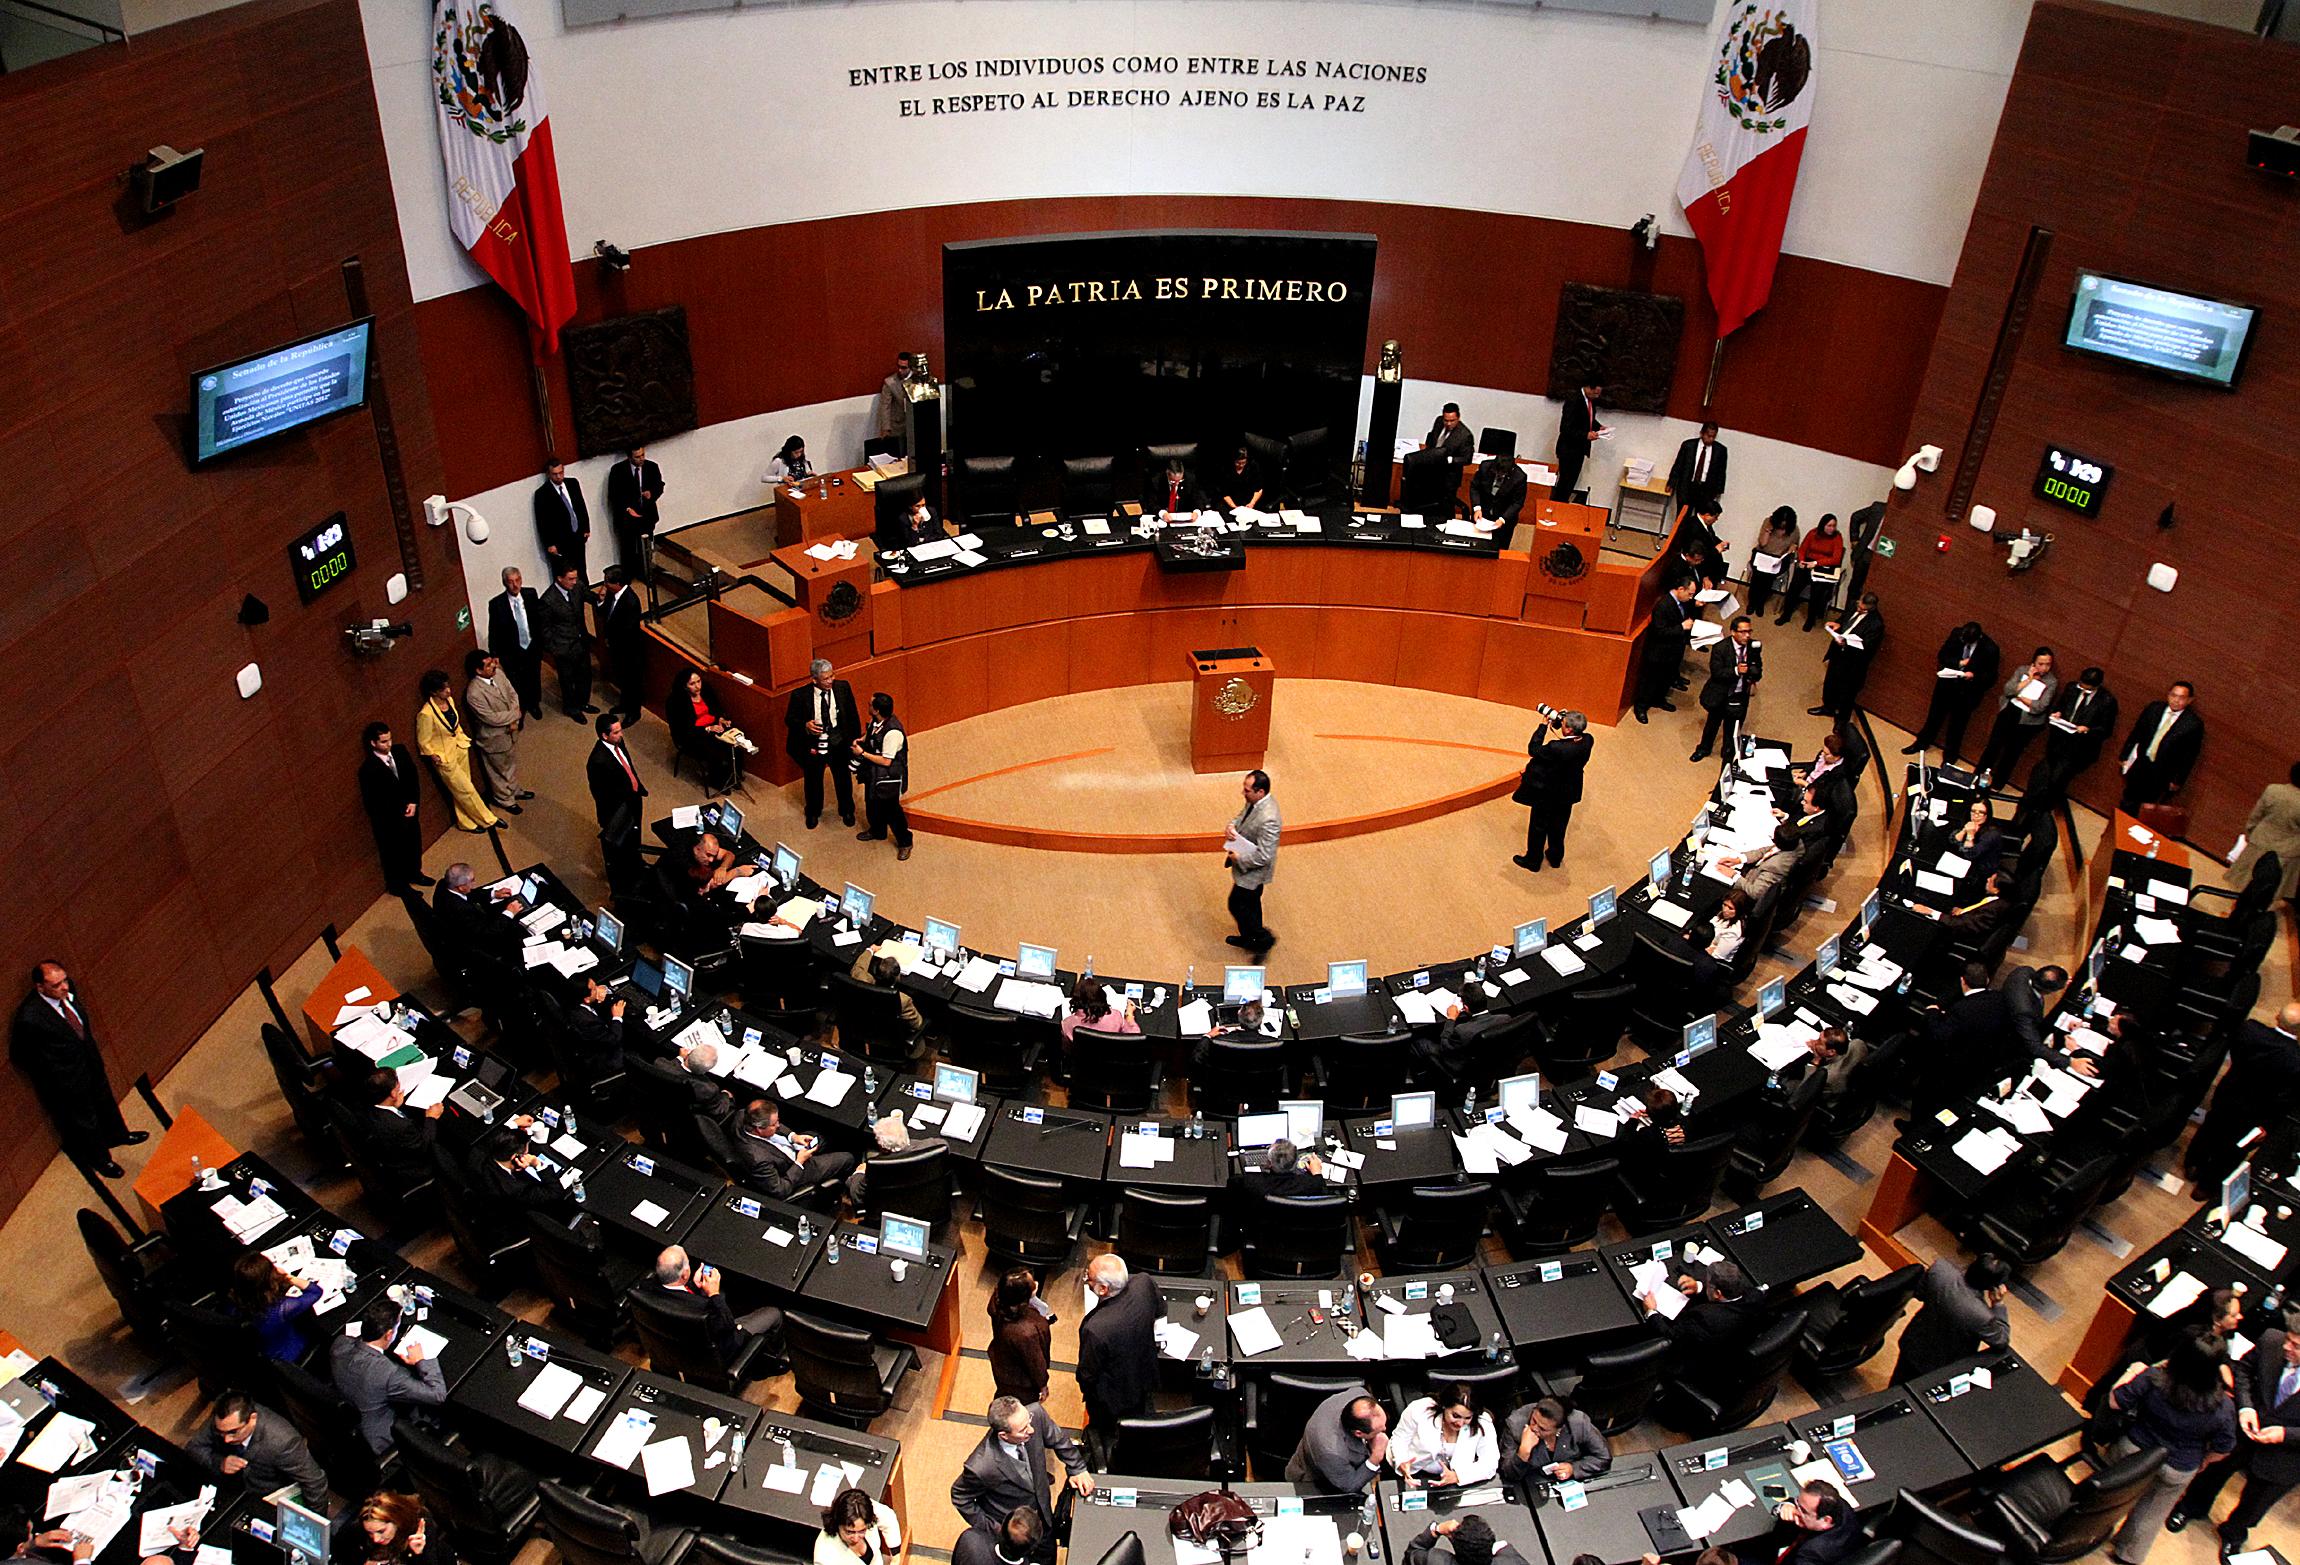 Ve Coparmex 'mala señal para combate a corrupción'